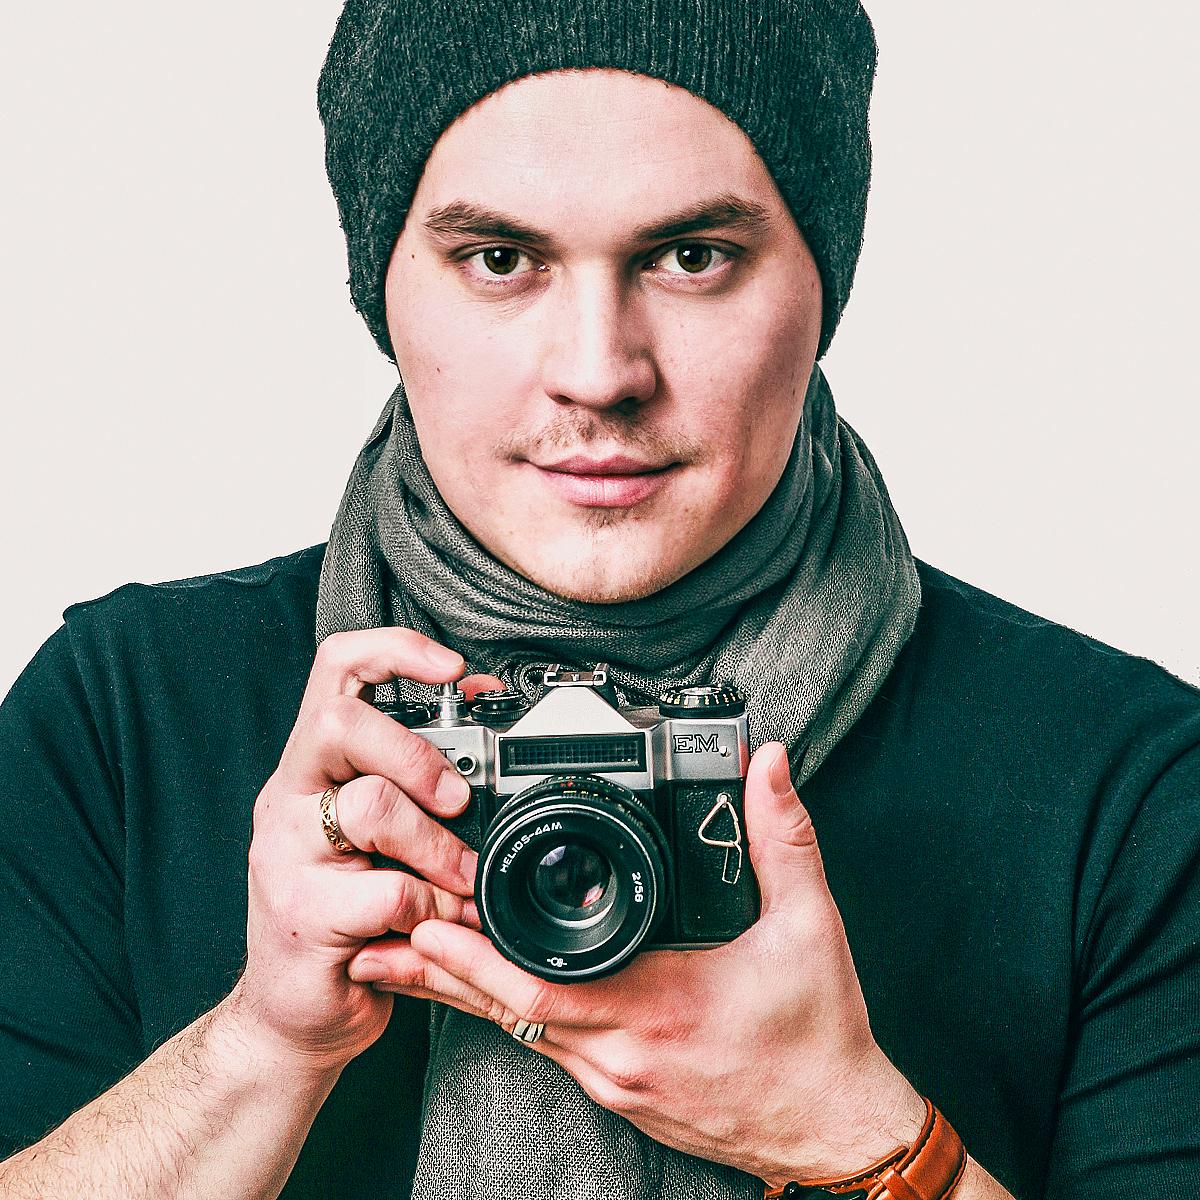 того, применяется ищу фотографа на выходные белгород фото можно